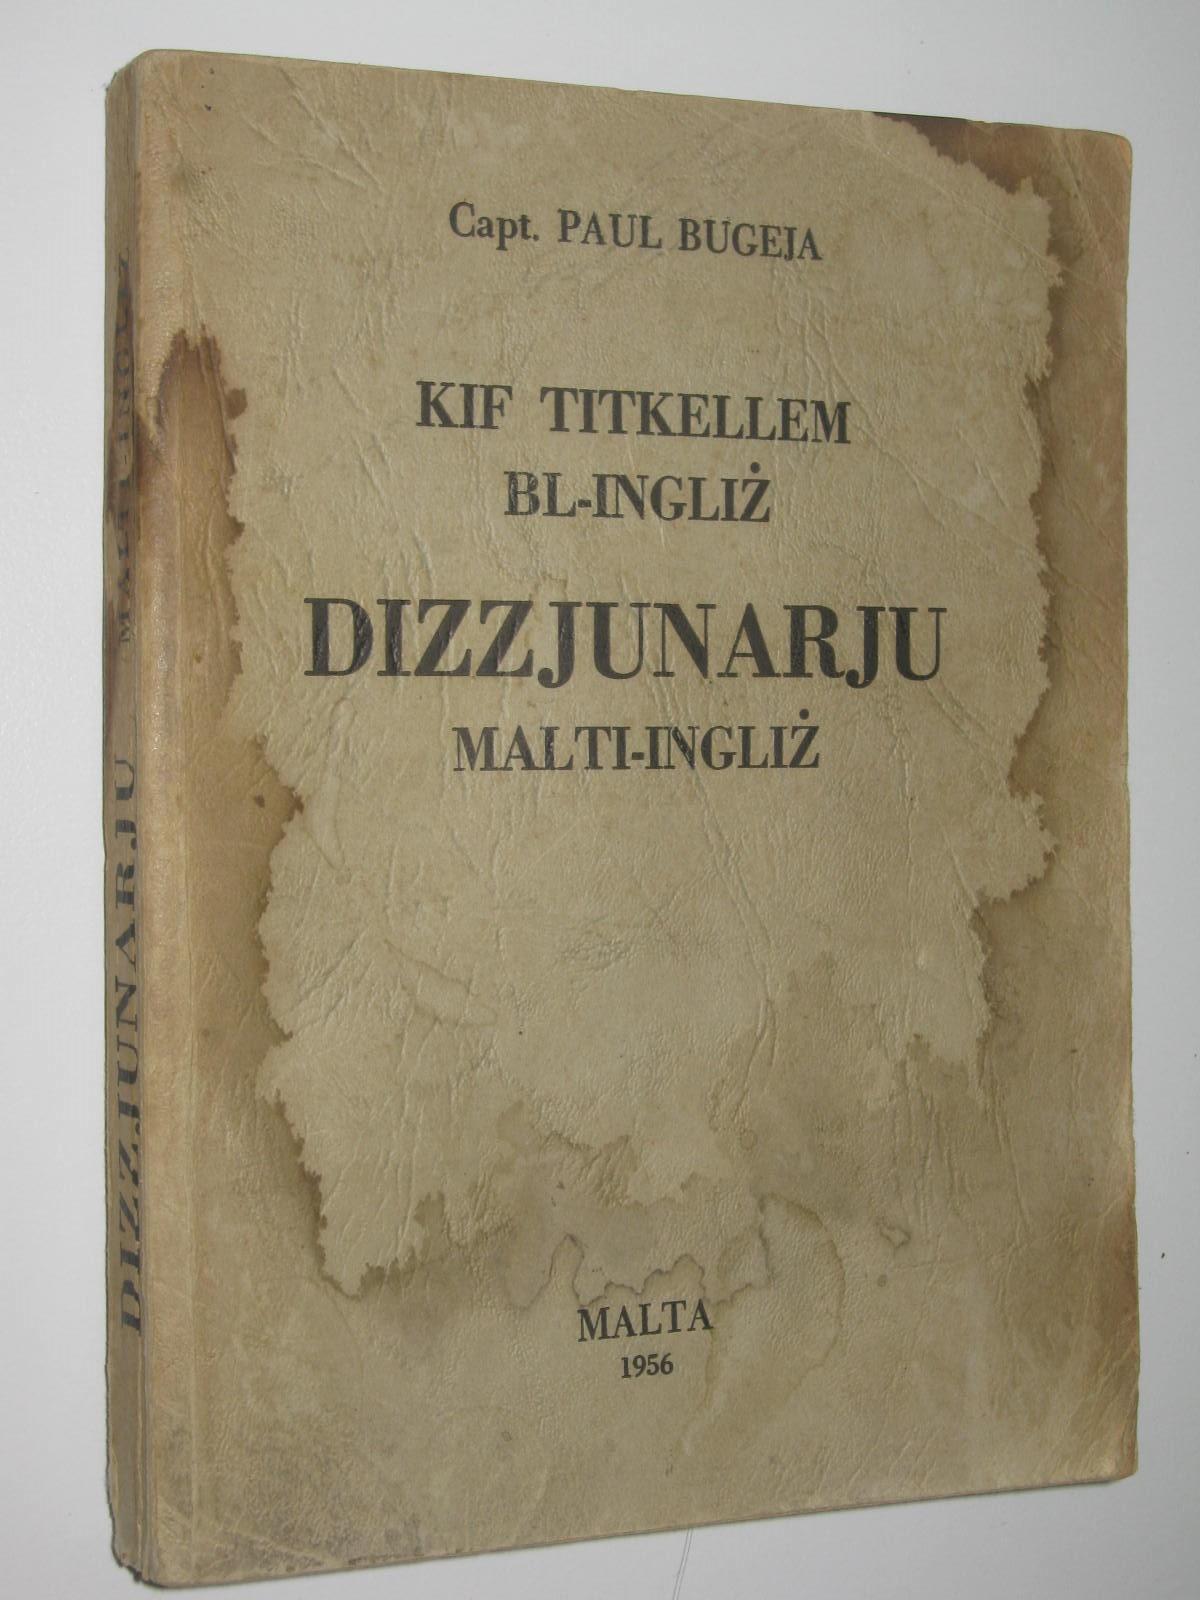 Kif Titkellem Bl Ingliz Dizzjunarju Malti Ingliz Maltese English Dictionary By Bugeja Capt Paul Fair Softcover 1956 Reprint Manyhills Books